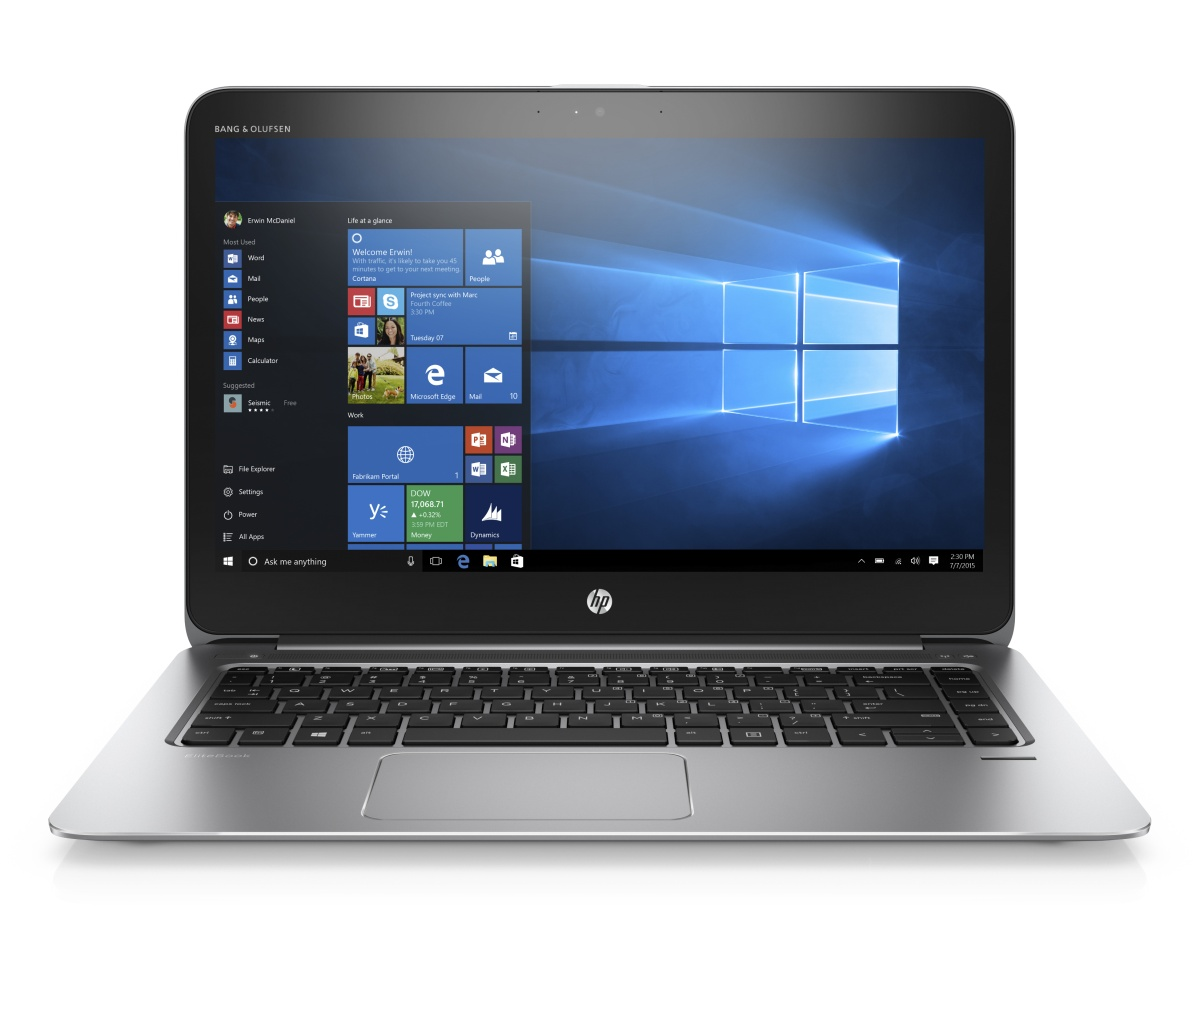 HP EliteBook Folio 1040 G3 i7-6500U /8 GB/512GB SSD/14'' FHD privacy filter/ NFC, RJ45-VGA adapt / Win 10 Pro